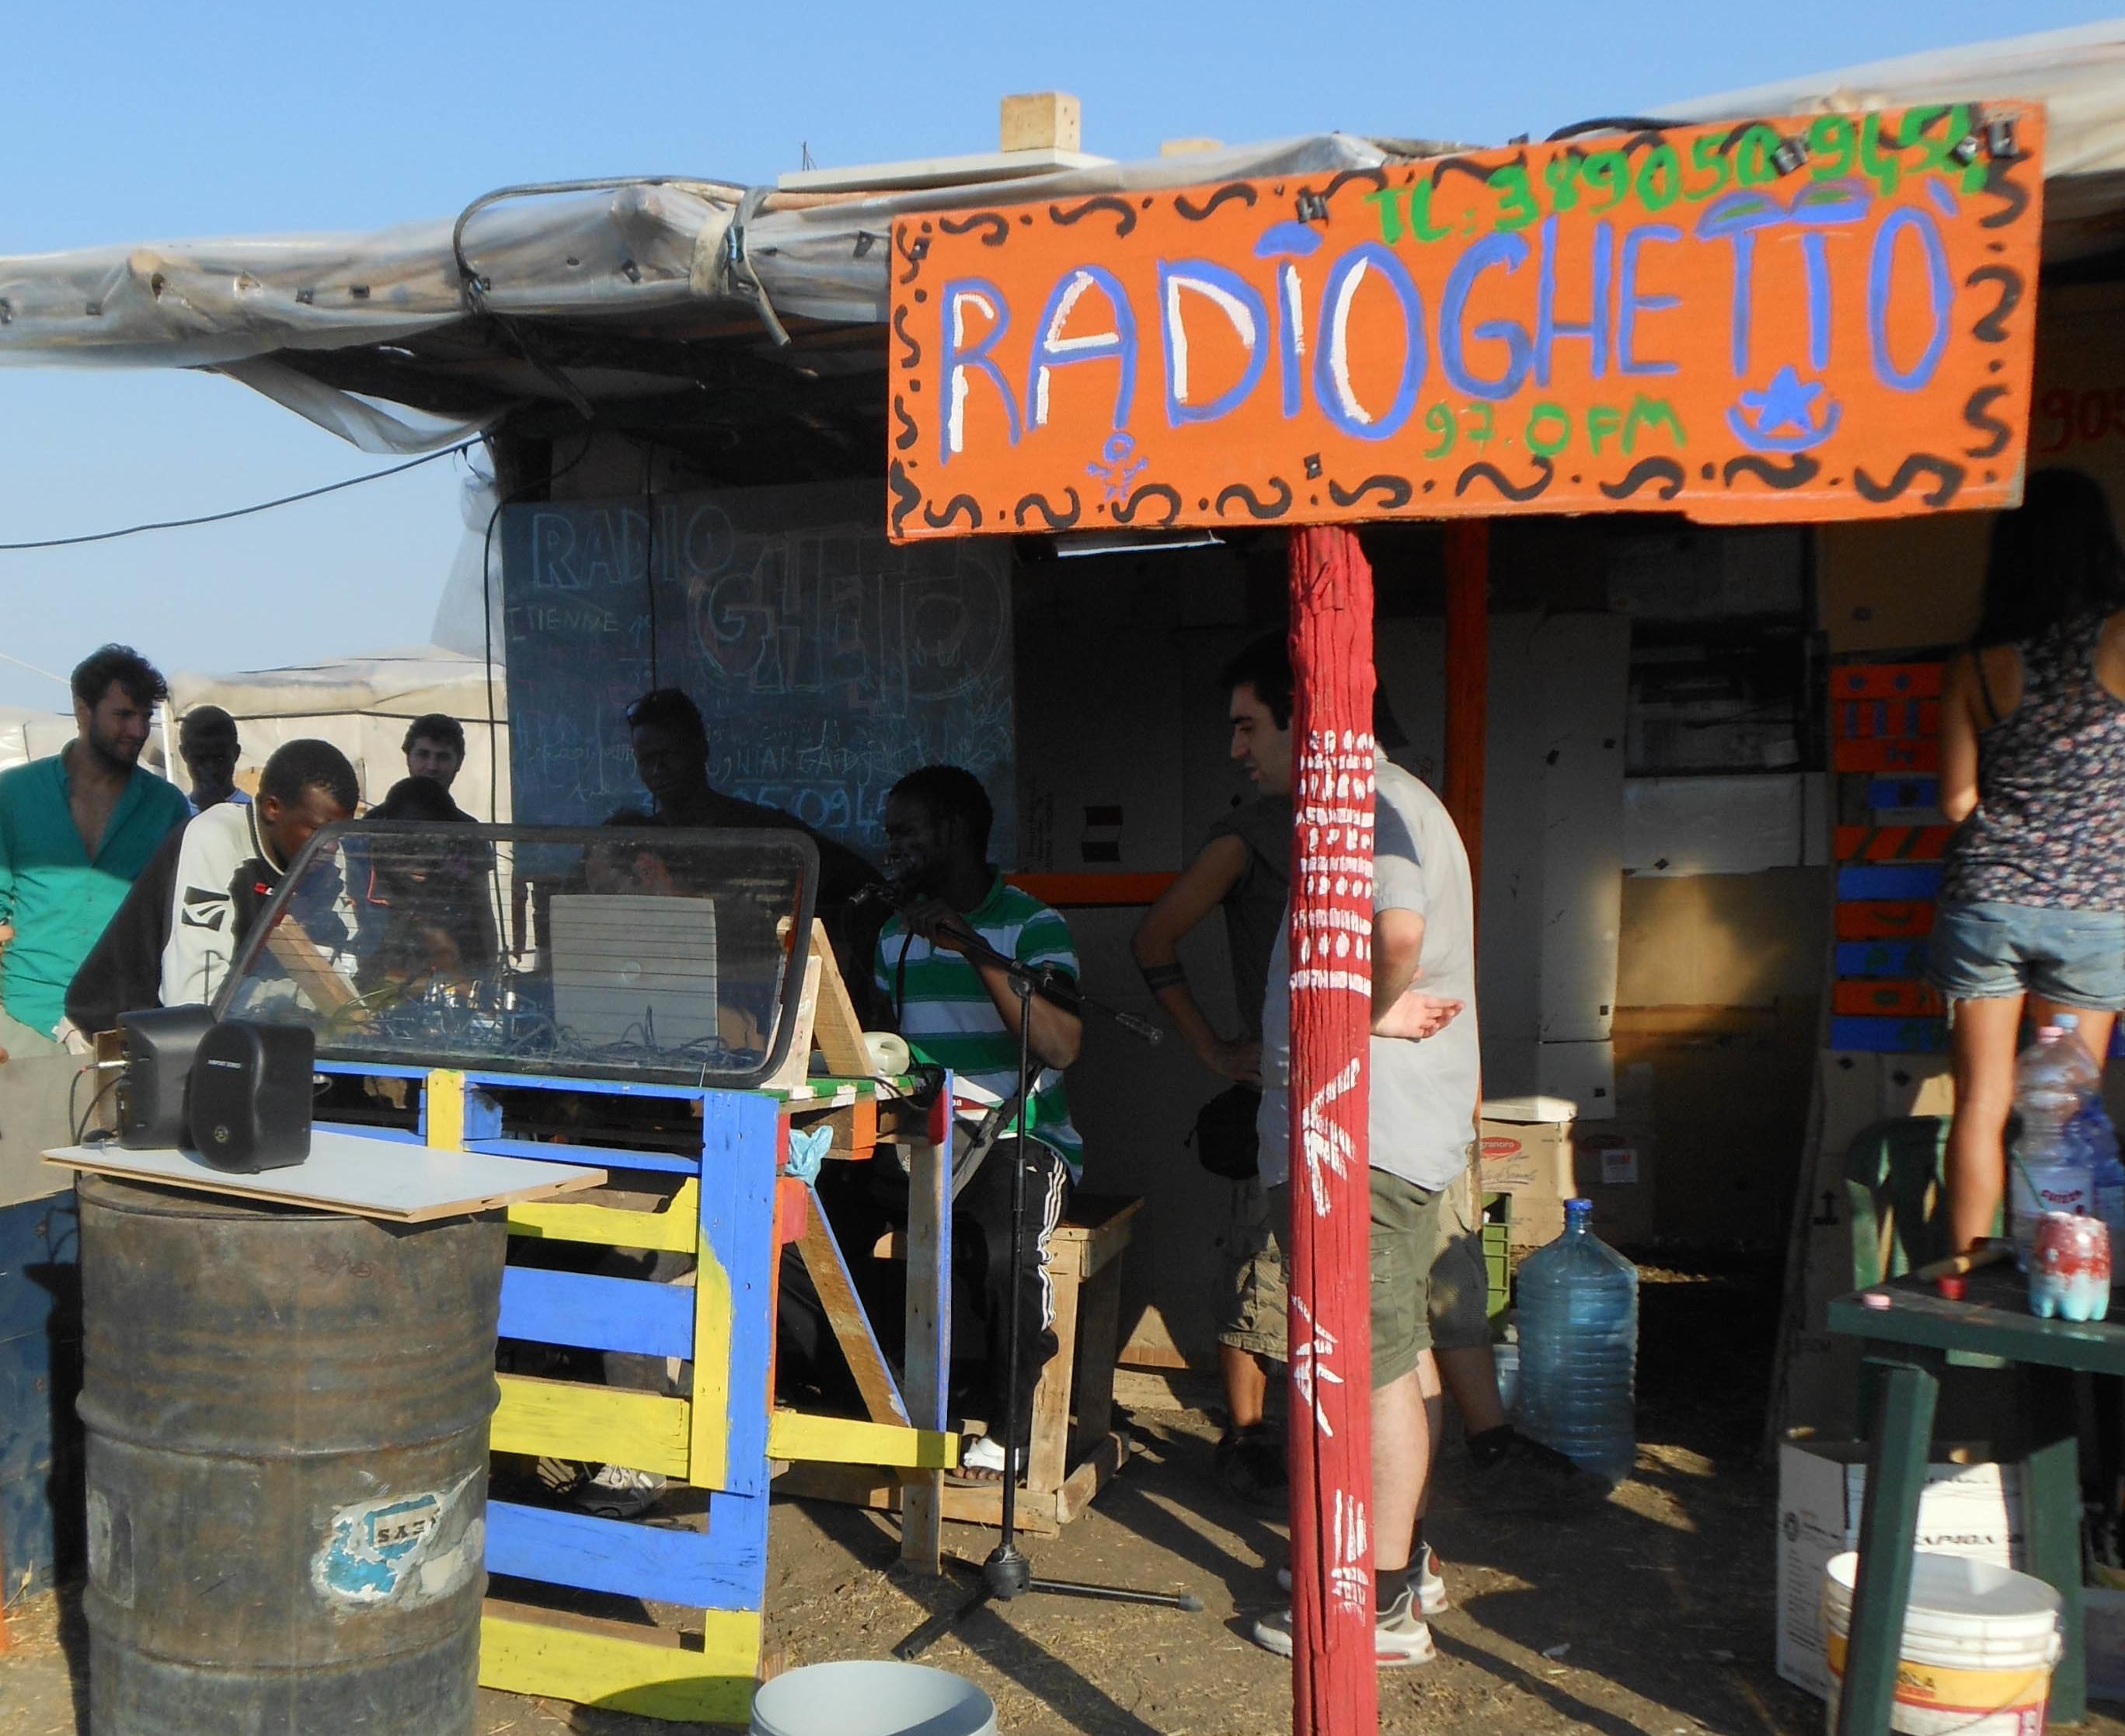 Radio Ghetto, la radio partecipata dei migranti di Rignano Garganico, cerca volontari per l'estate